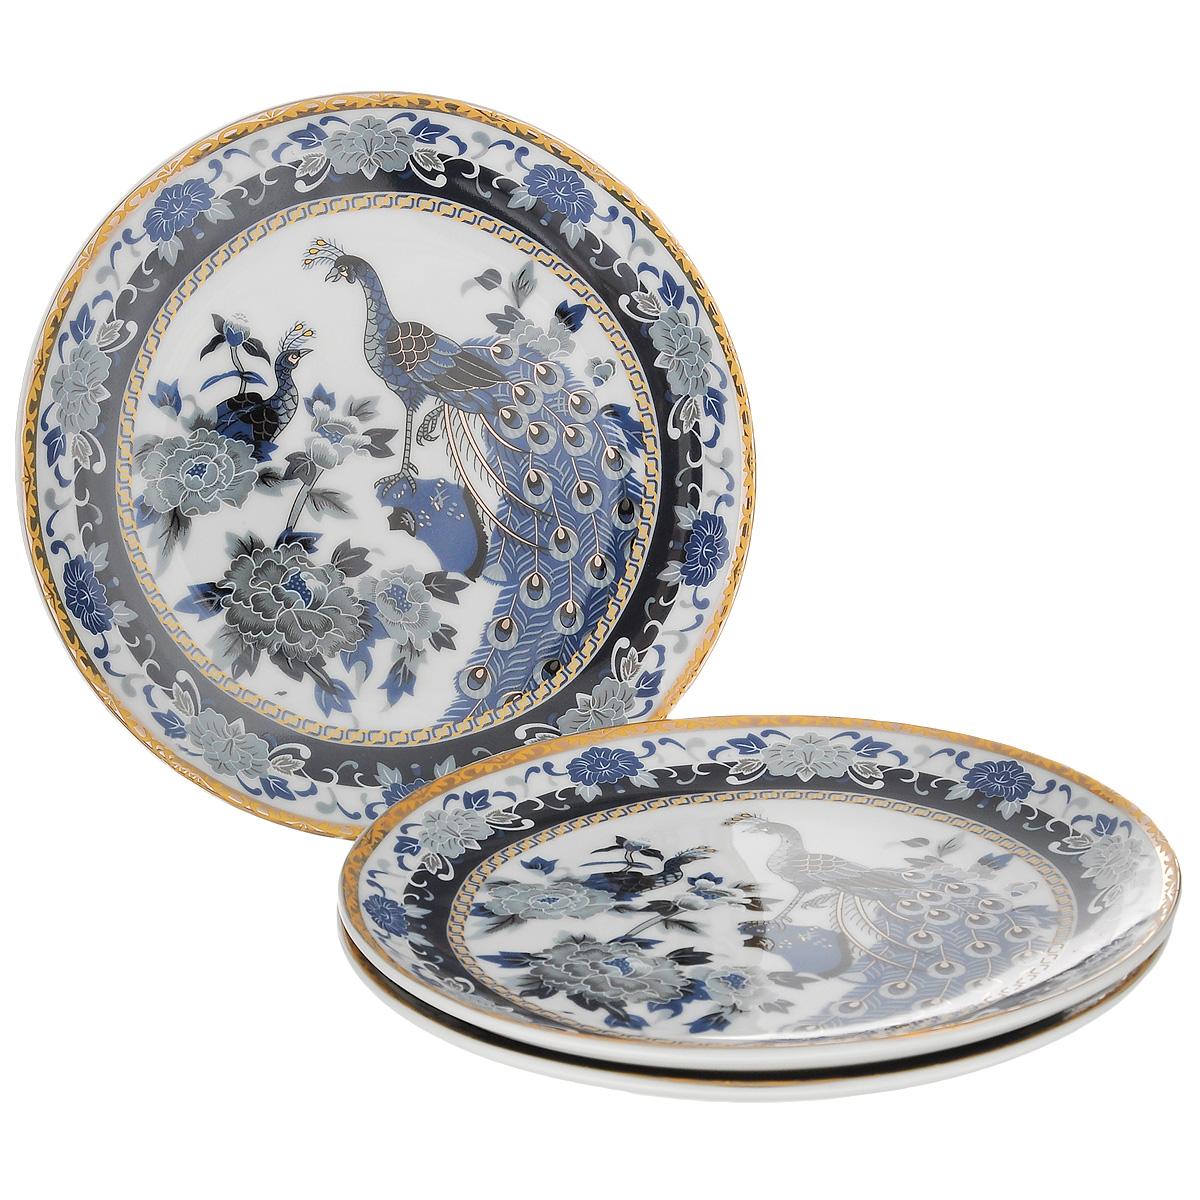 Набор тарелок Saguro Синий павлин, диаметр 18,5 см, 3 шт1303774Набор Saguro Синий павлин состоит из трех тарелок, изготовленных из фарфора. Изделия оформлены золотой каемкой и изображением павлинов и цветов.Такие тарелки сочетают в себе изысканный дизайн с максимальной функциональностью. Красочность оформления придется по вкусу тем, кто предпочитает классику и утонченность. Оригинальные тарелки украсят сервировку вашего стола и подчеркнут прекрасный вкус хозяйки, а также станут отличным подарком. Не использовать в микроволновой печи. Не применять абразивные чистящие вещества.Диаметр тарелки: 18,5 см.